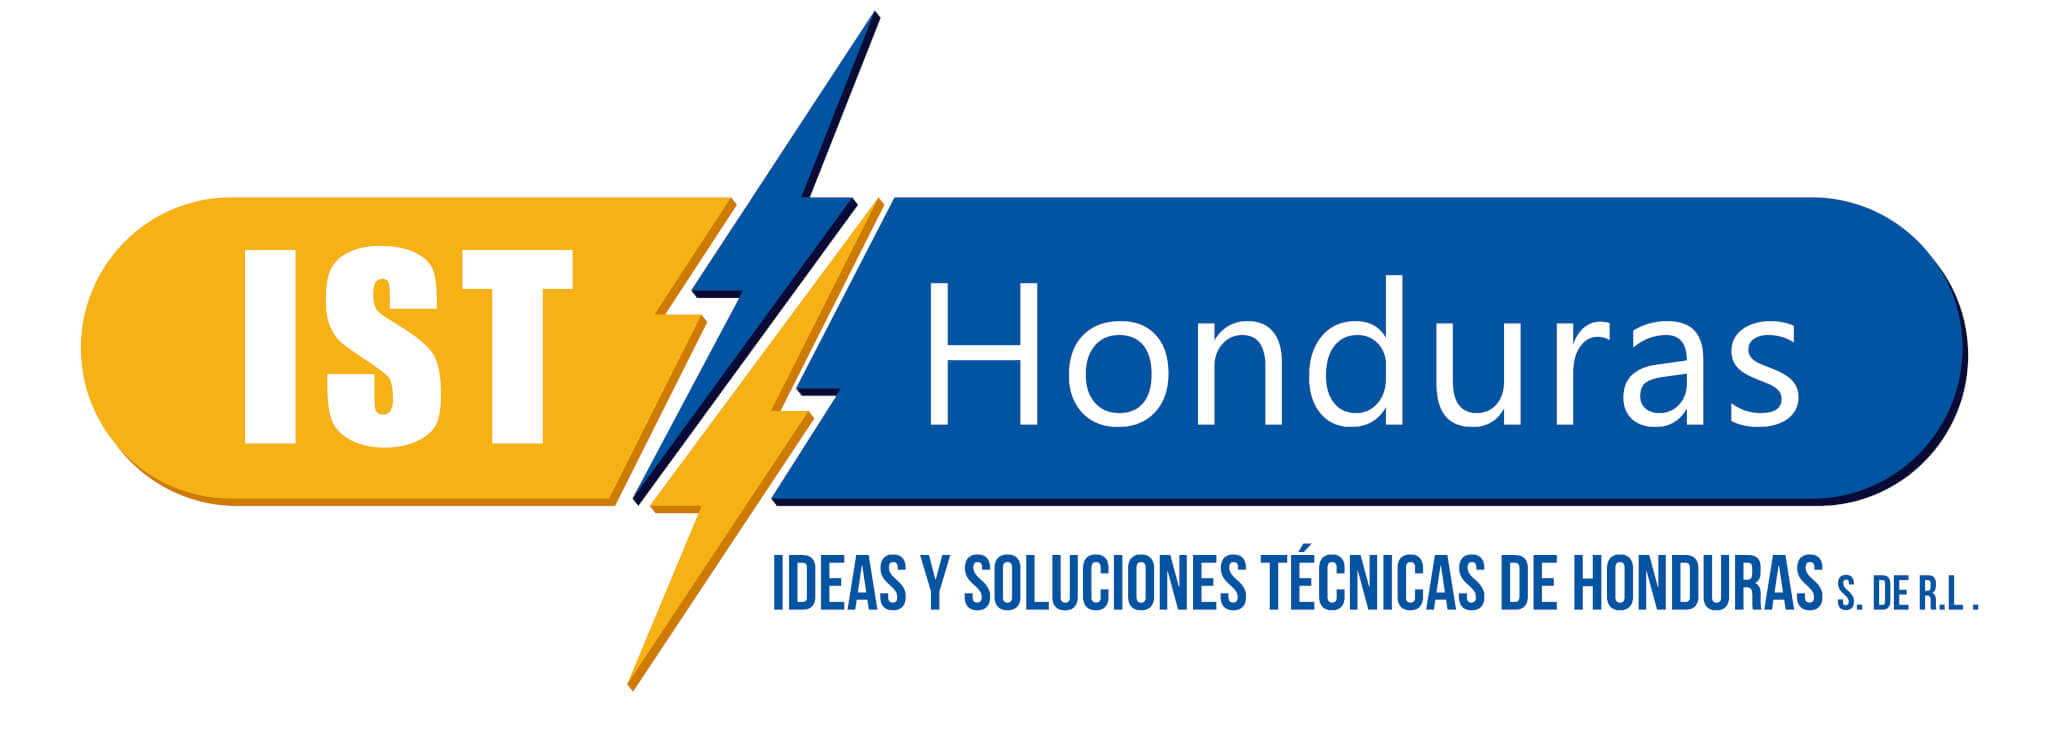 Logo de cliente satisfecho de STEL Order: IST HONDURAS